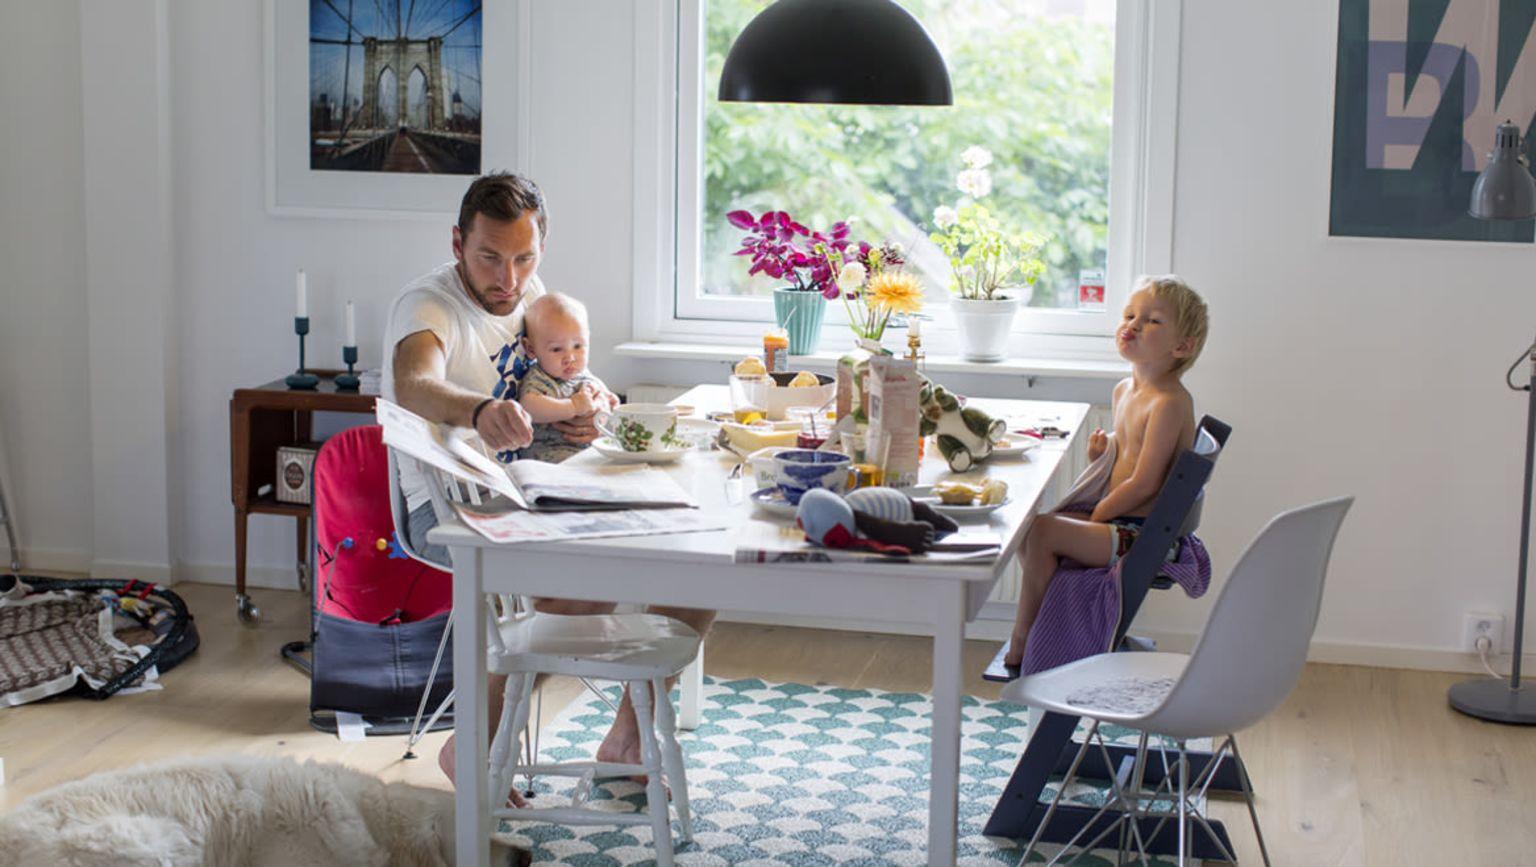 Familj sitter runt ett bord en vardag med cancer